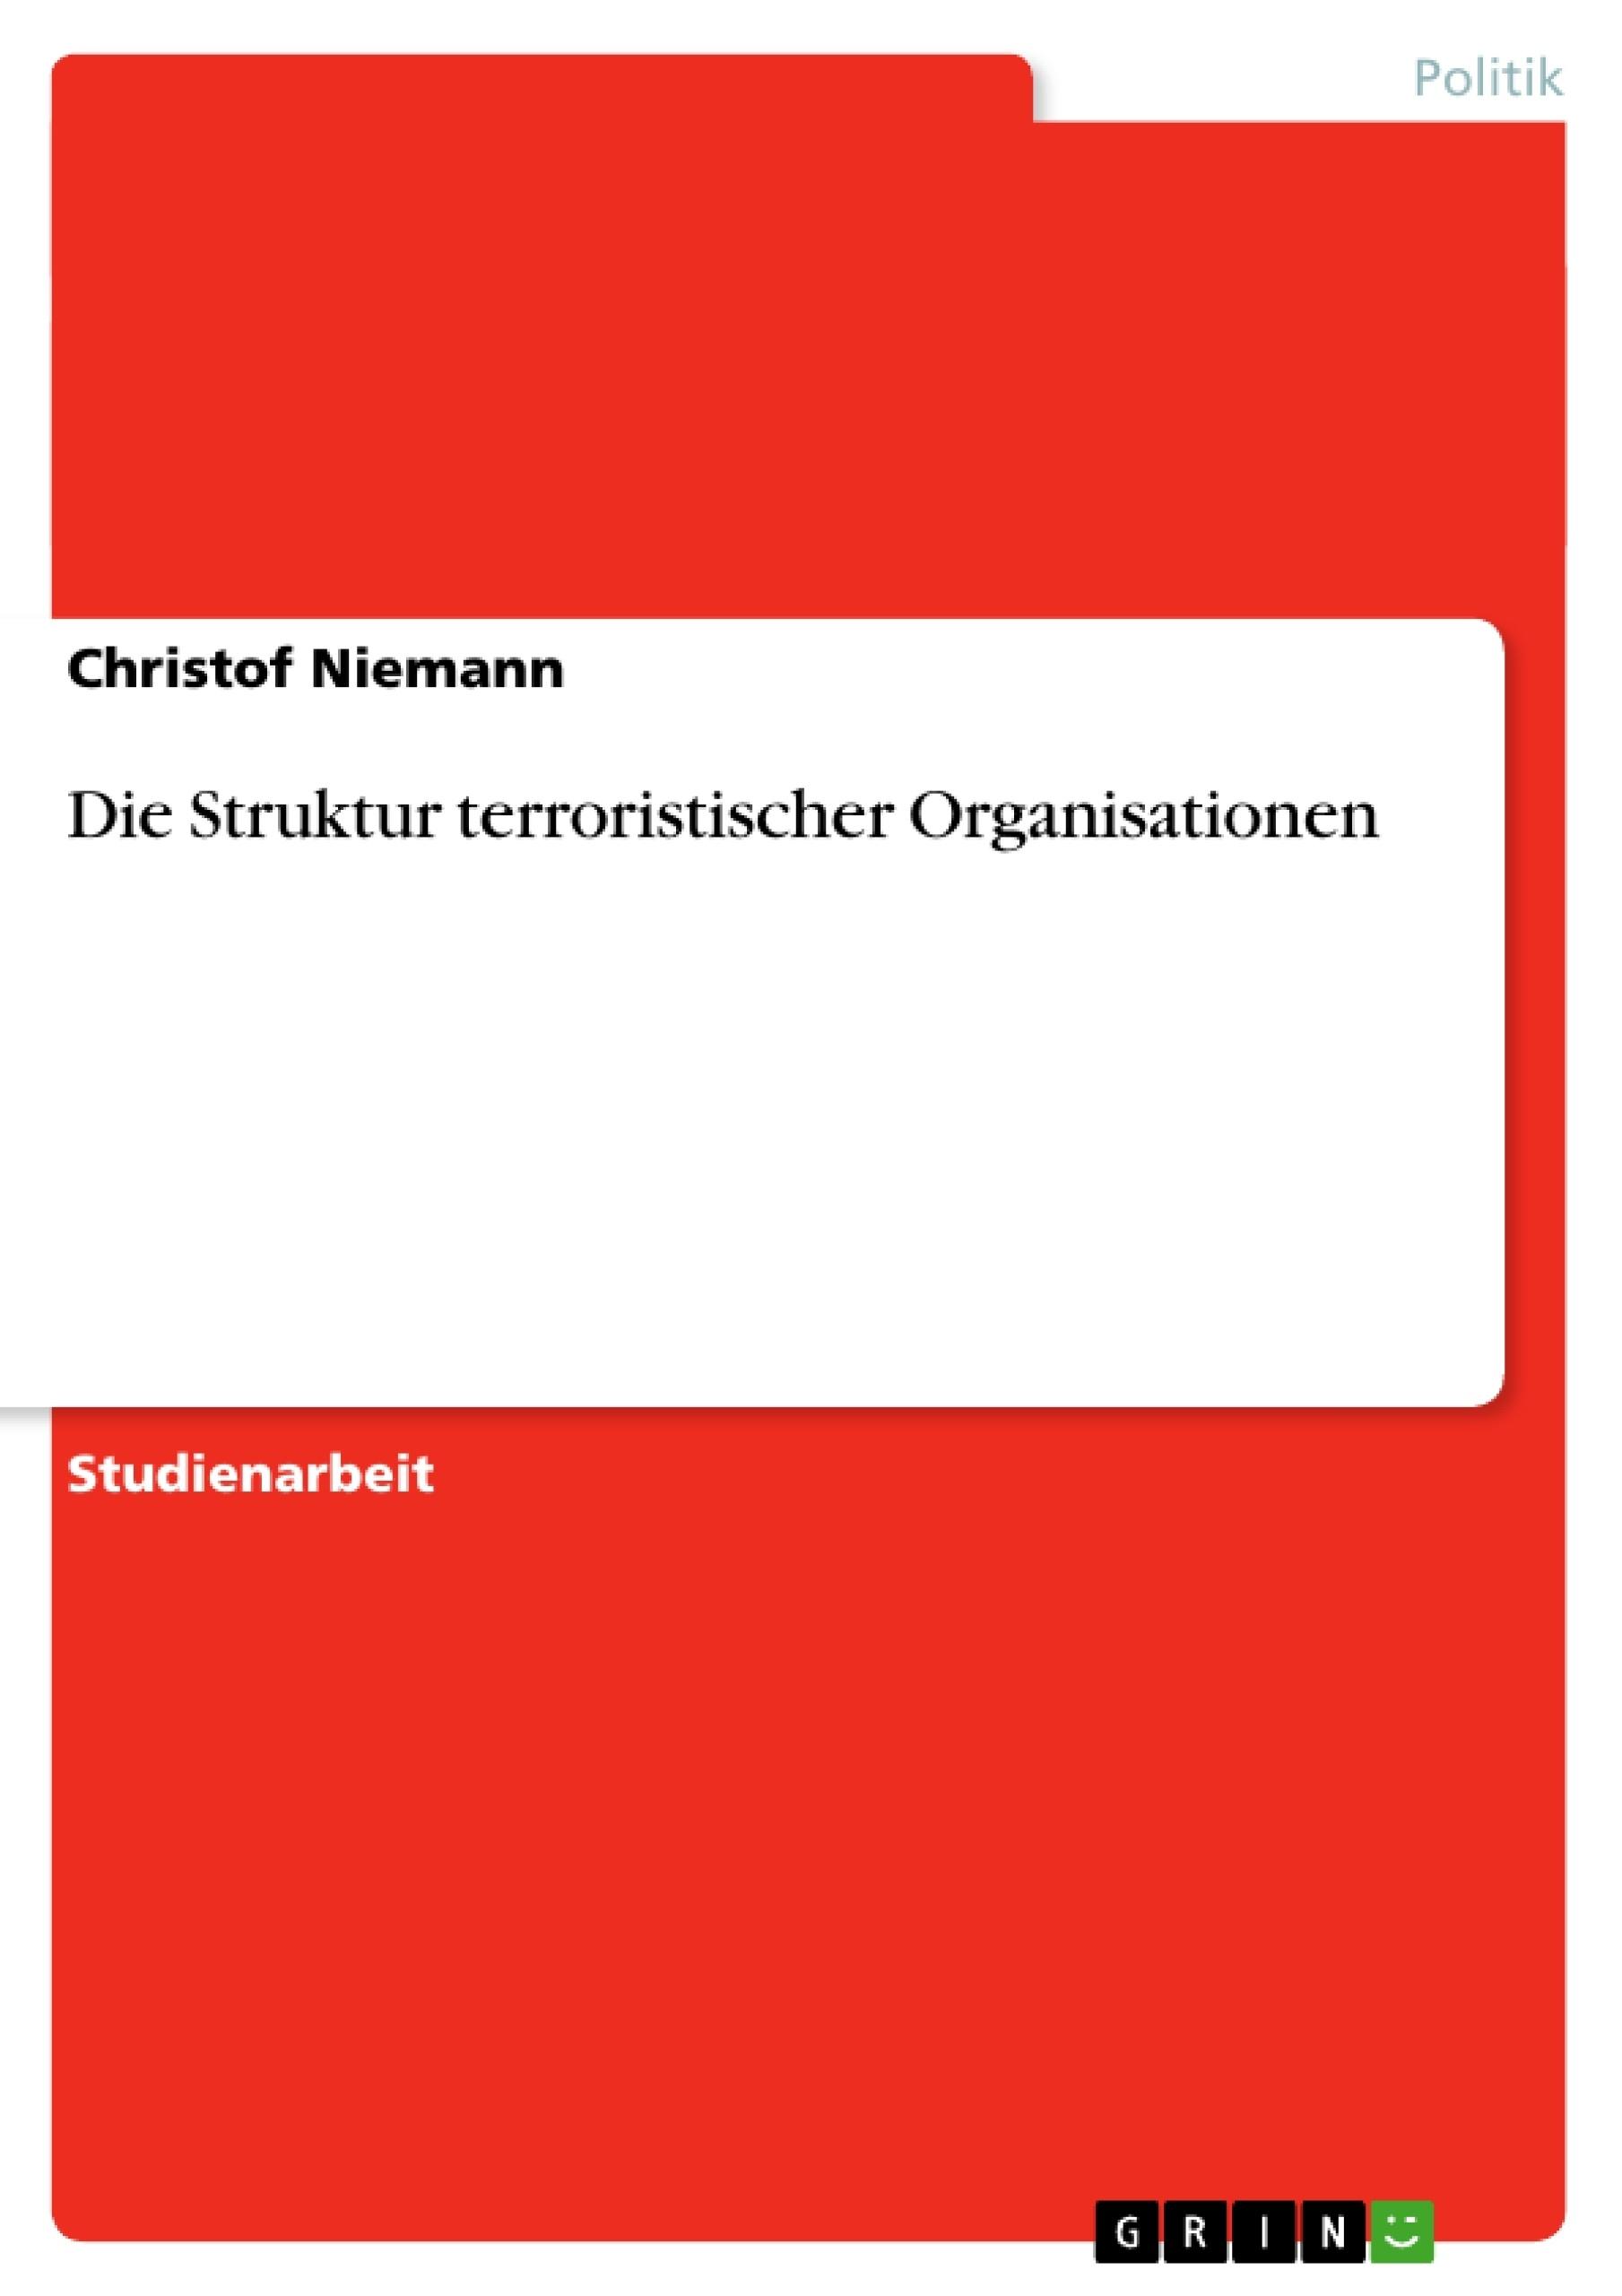 Titel: Die Struktur terroristischer Organisationen